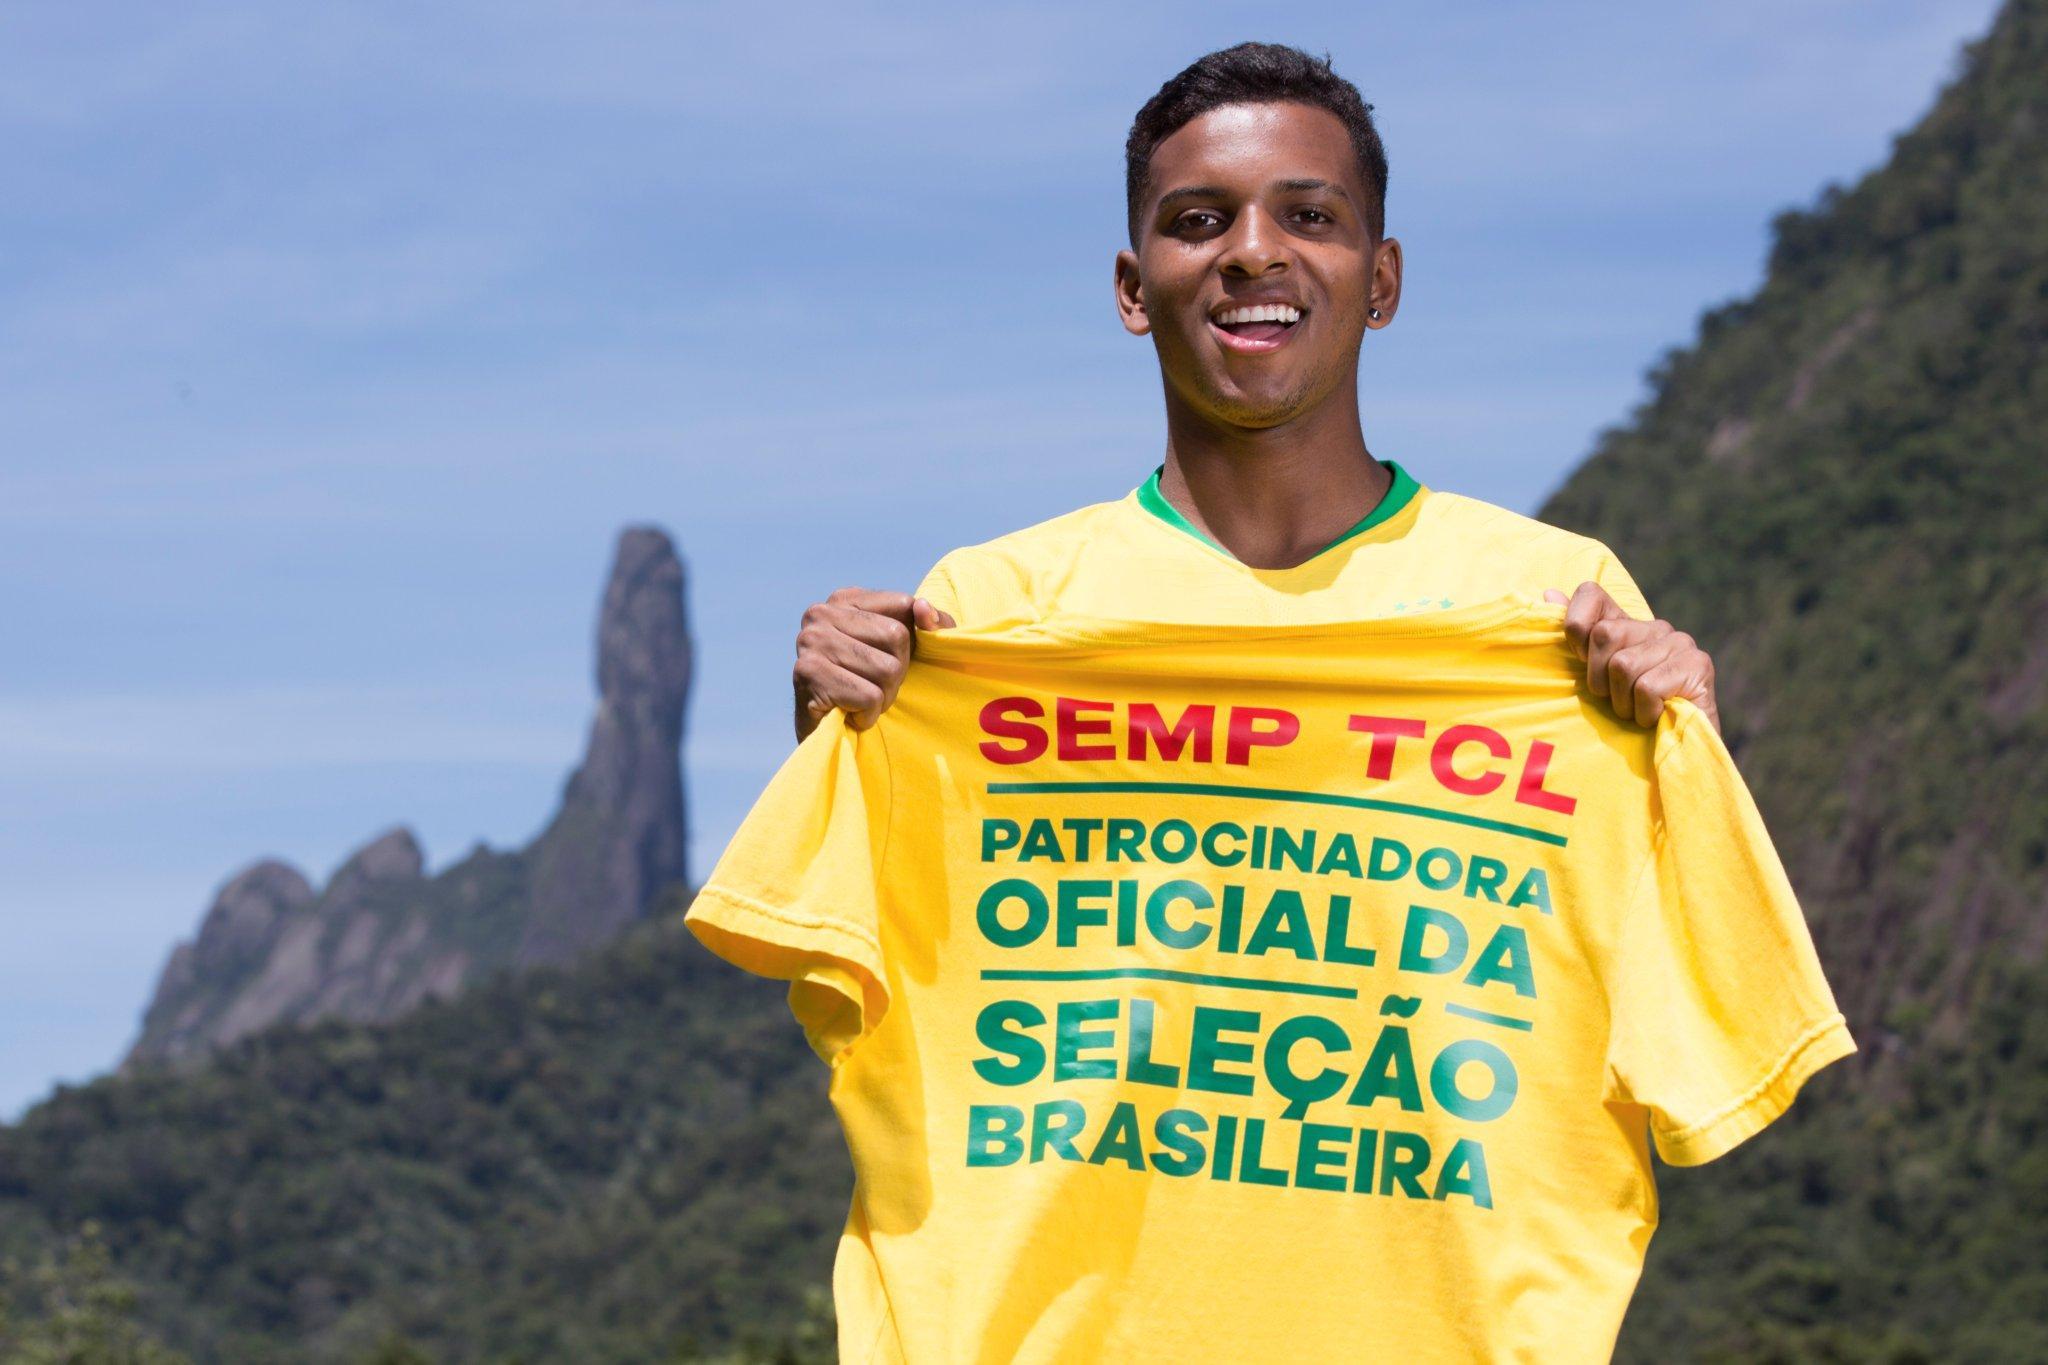 SEMP TCL é a nova patrocinadora da Seleção Brasileira